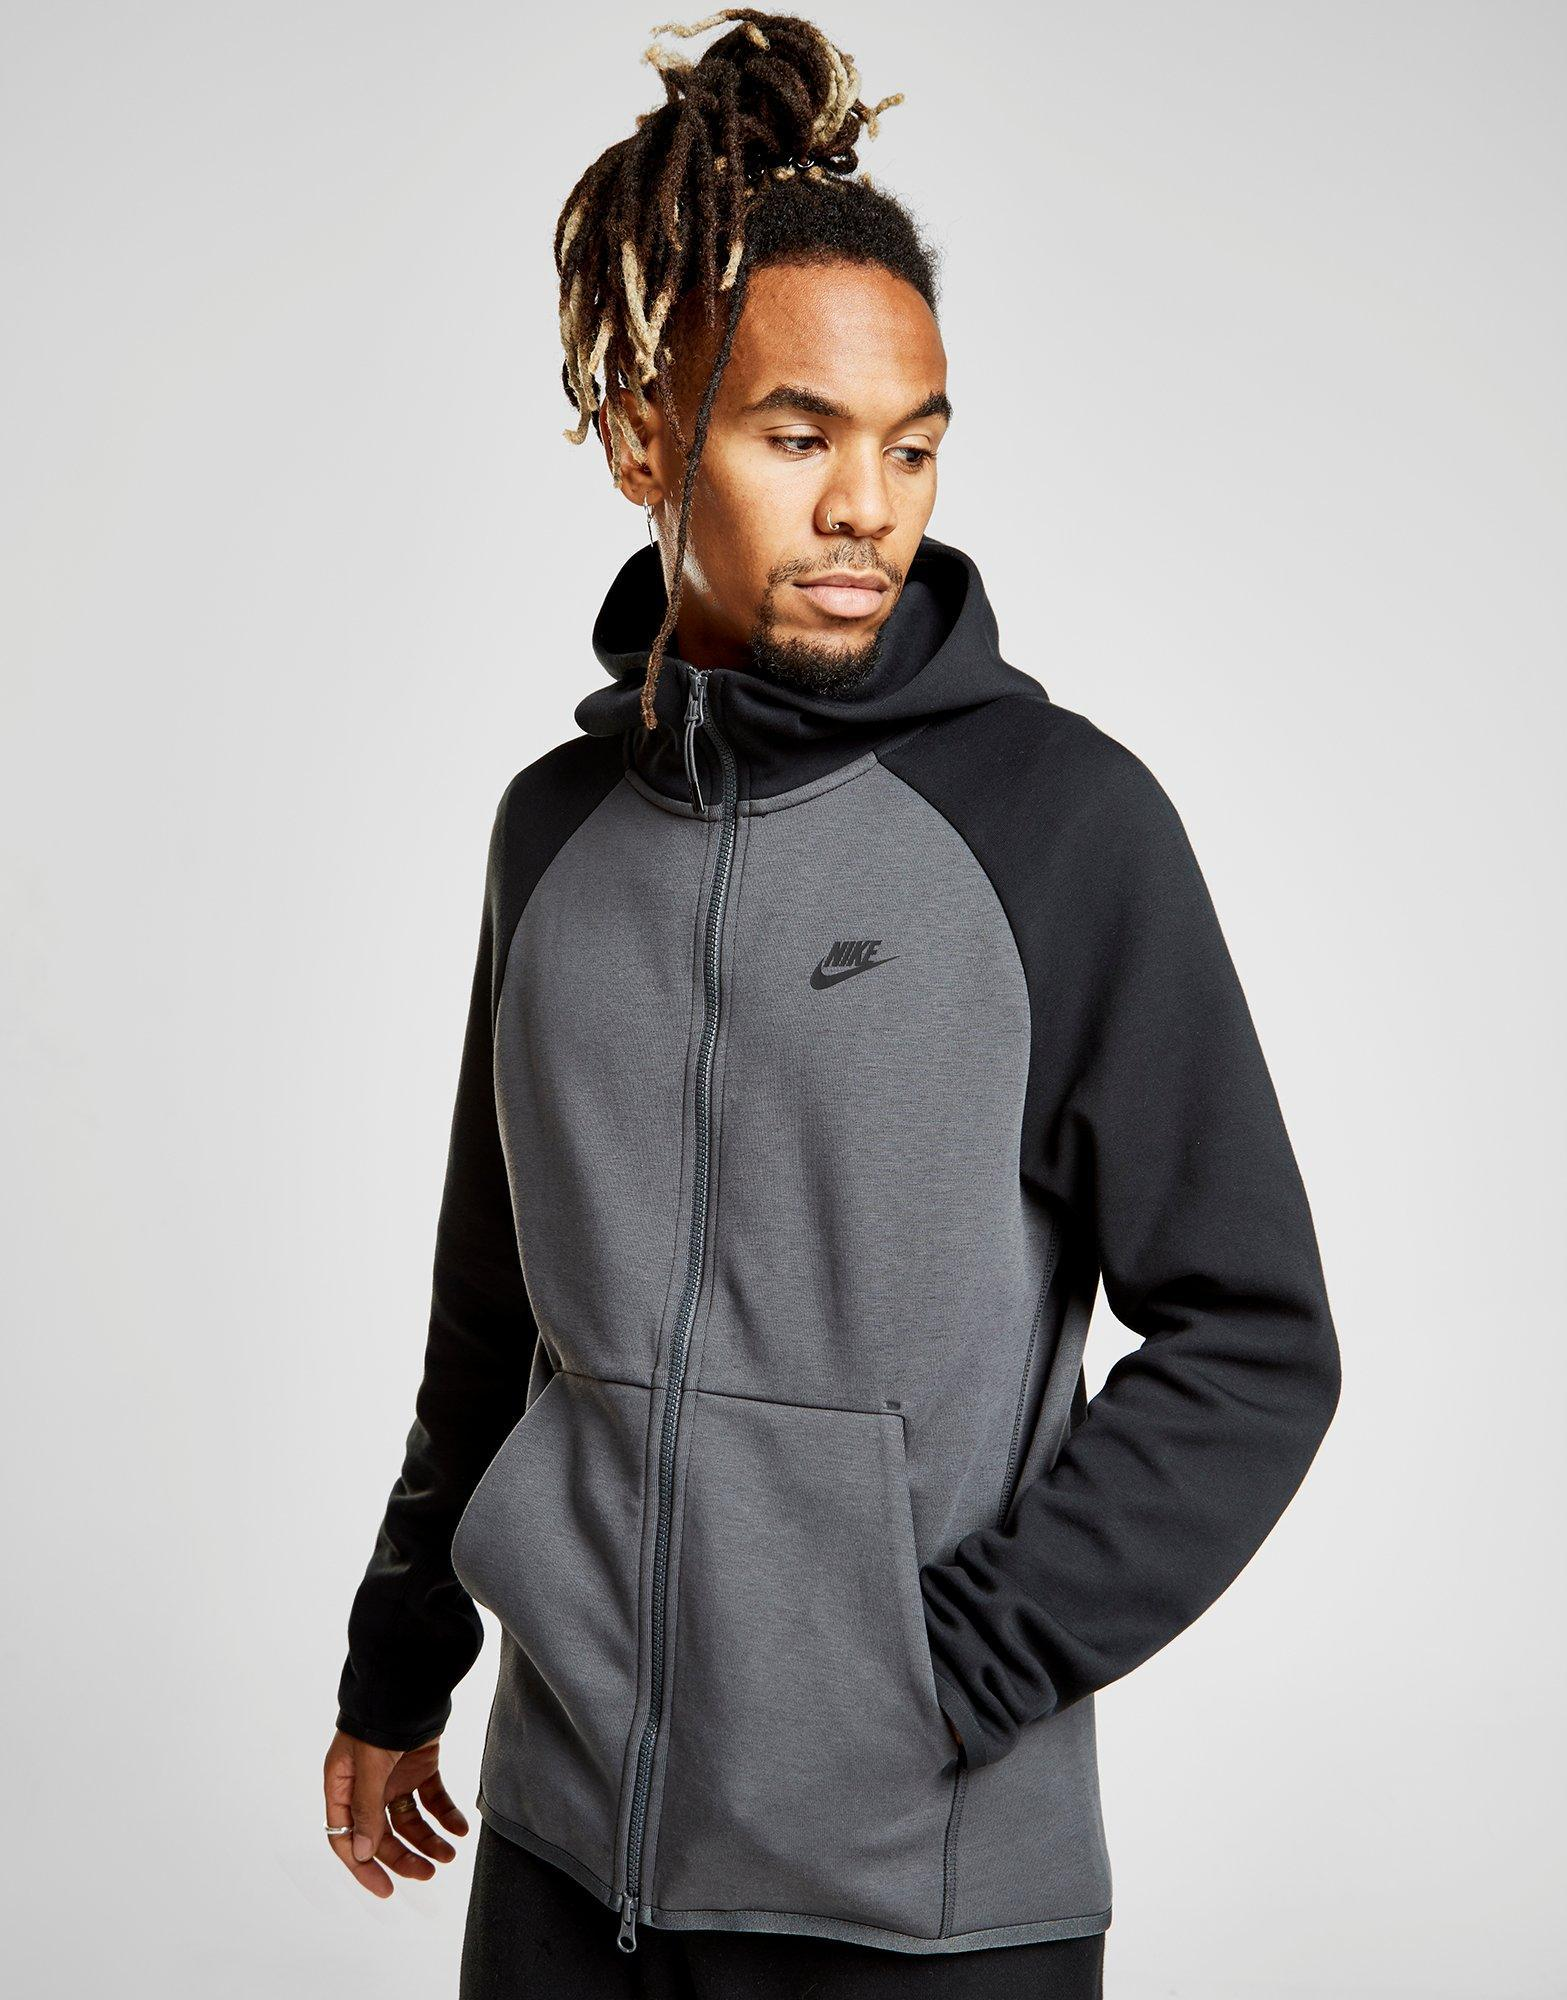 fc3e734345 Nike Tech Fleece Windrunner Hoodie in Gray for Men - Lyst